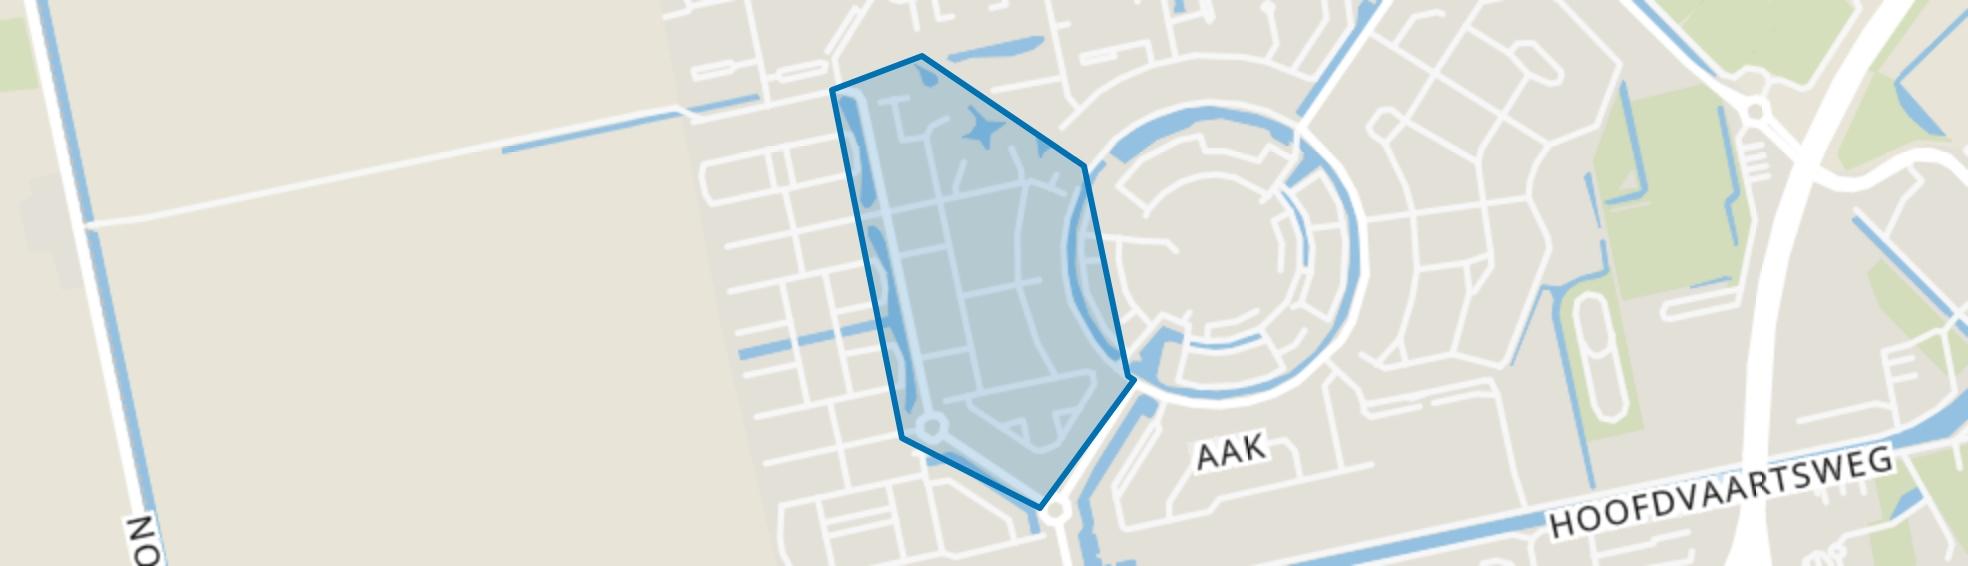 Kloostertuinen, Assen map